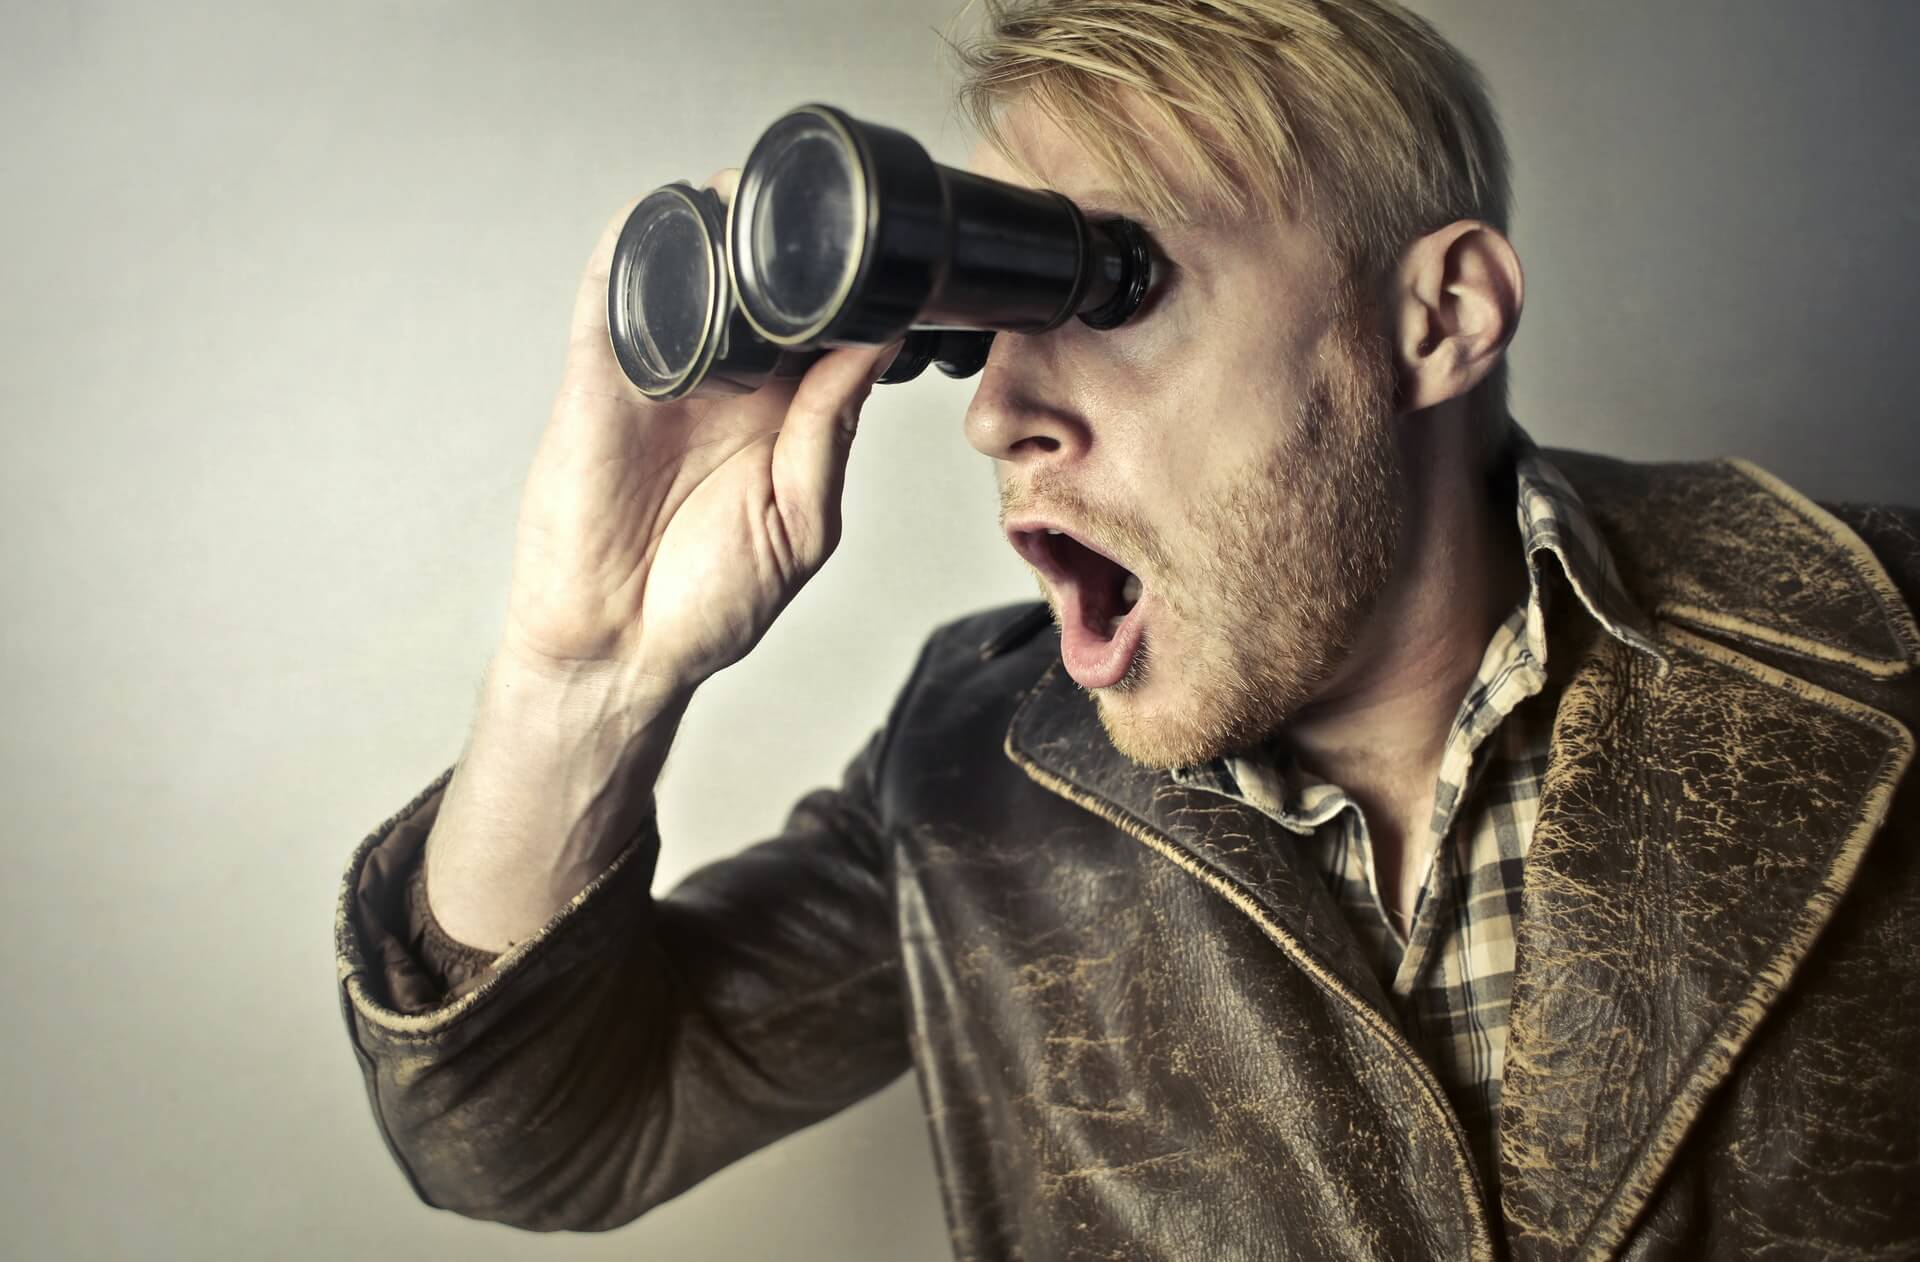 Et foto af en mand, der spejder efter købs-knappen.